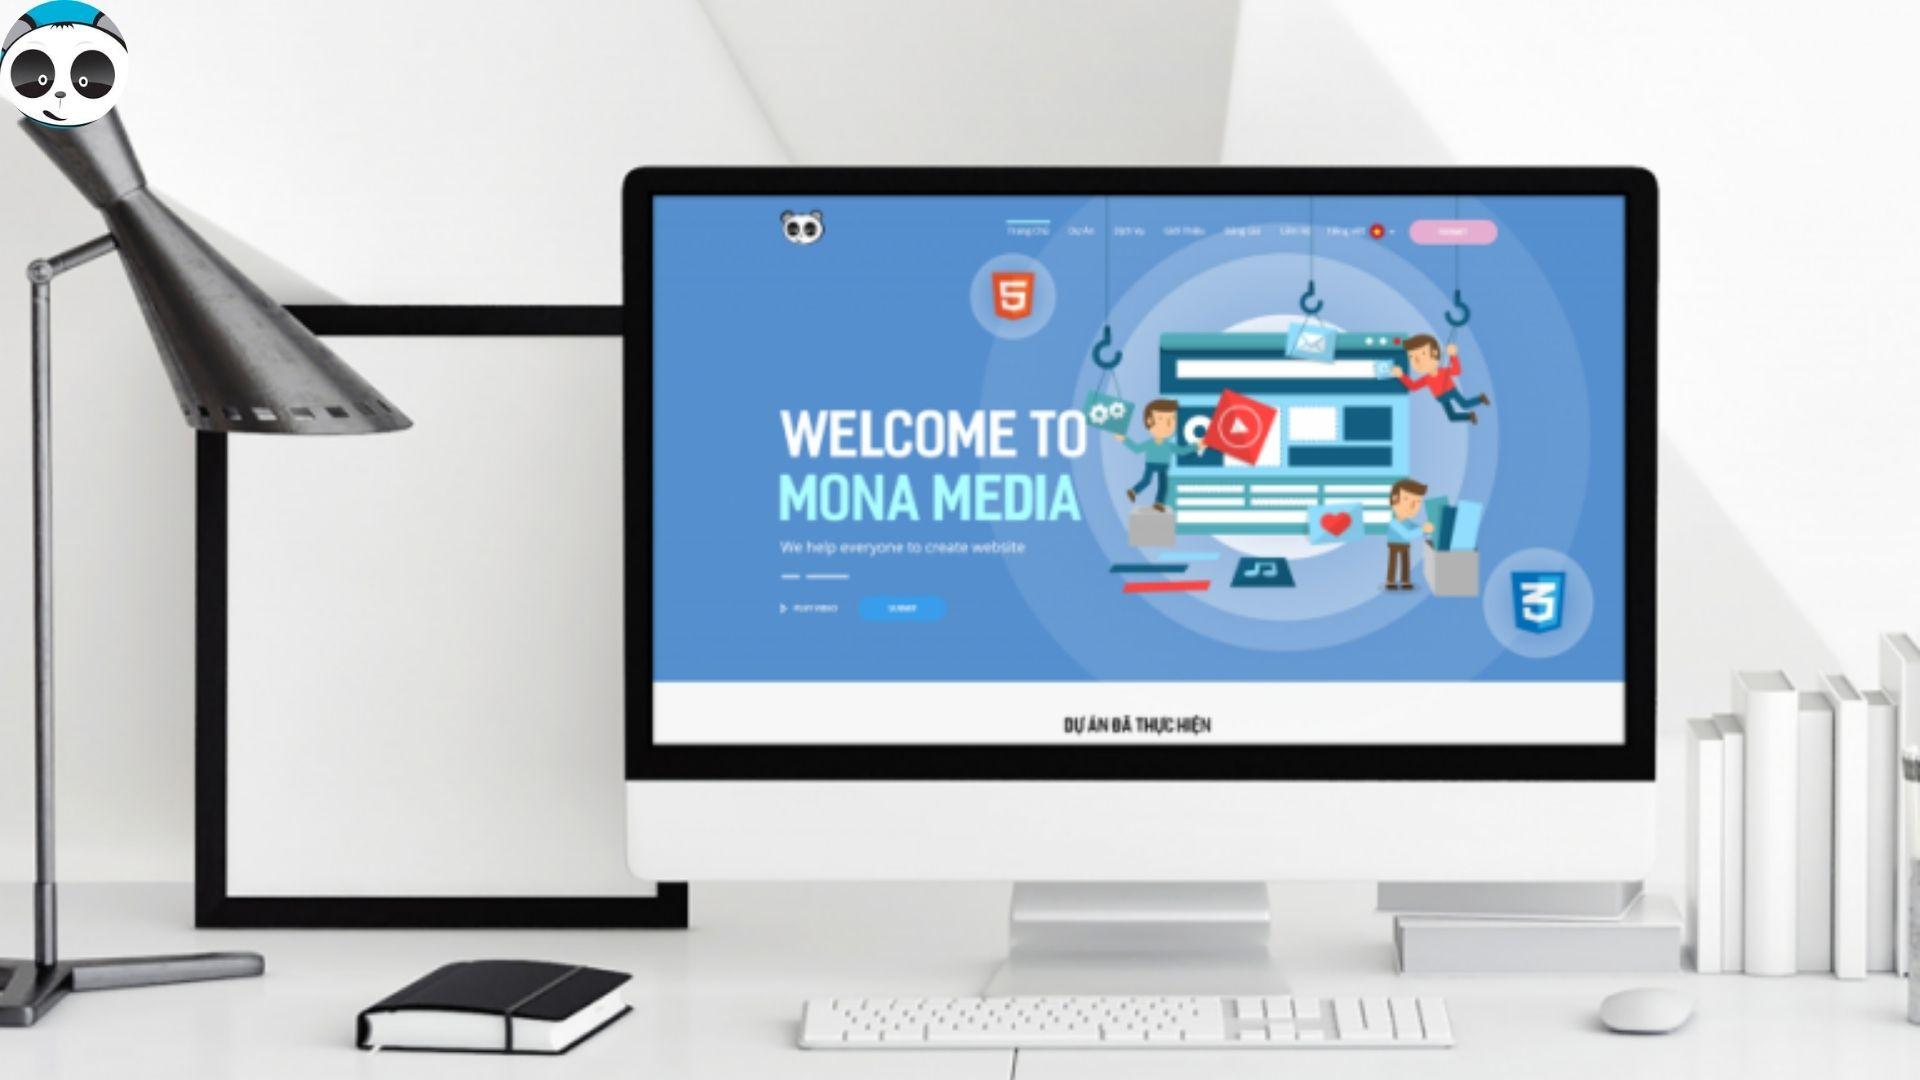 phần mềm quản lý tài liệu của Mona Media